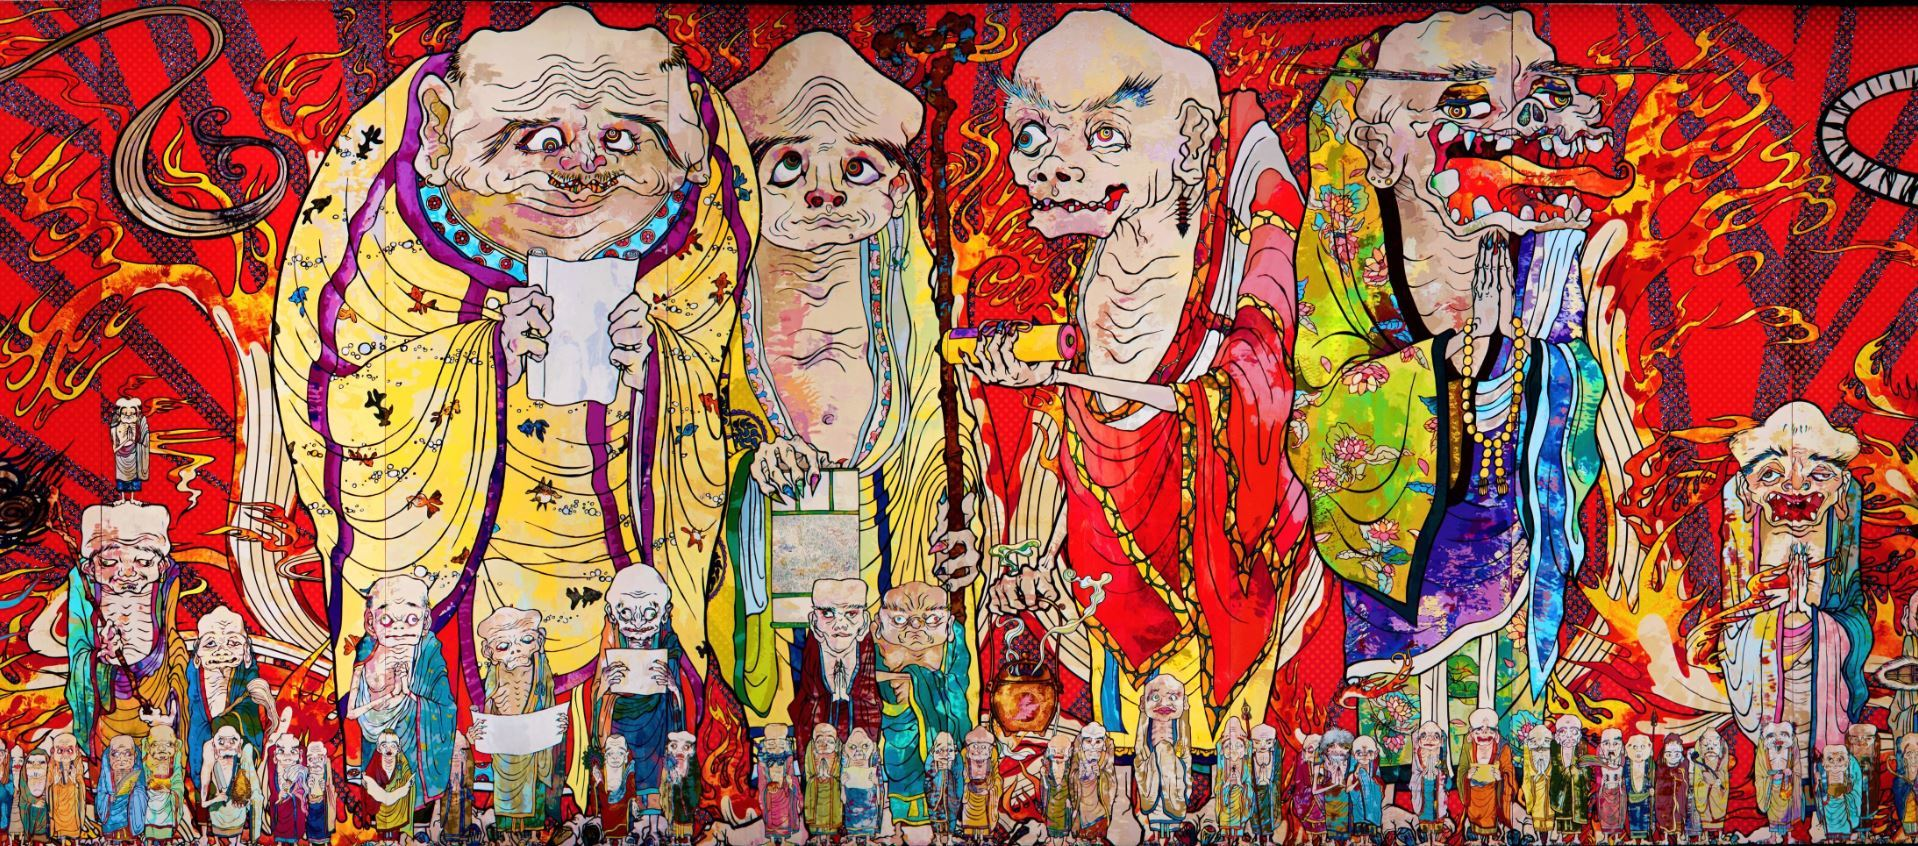 《五百羅漢図》(部分)2012年 アクリル、キャンバス、板にマウント 302 x 10,000cm 個人蔵 (c)2012 Takashi Murakami/Kaikai Kiki Co., Ltd. All Rights Reserved.